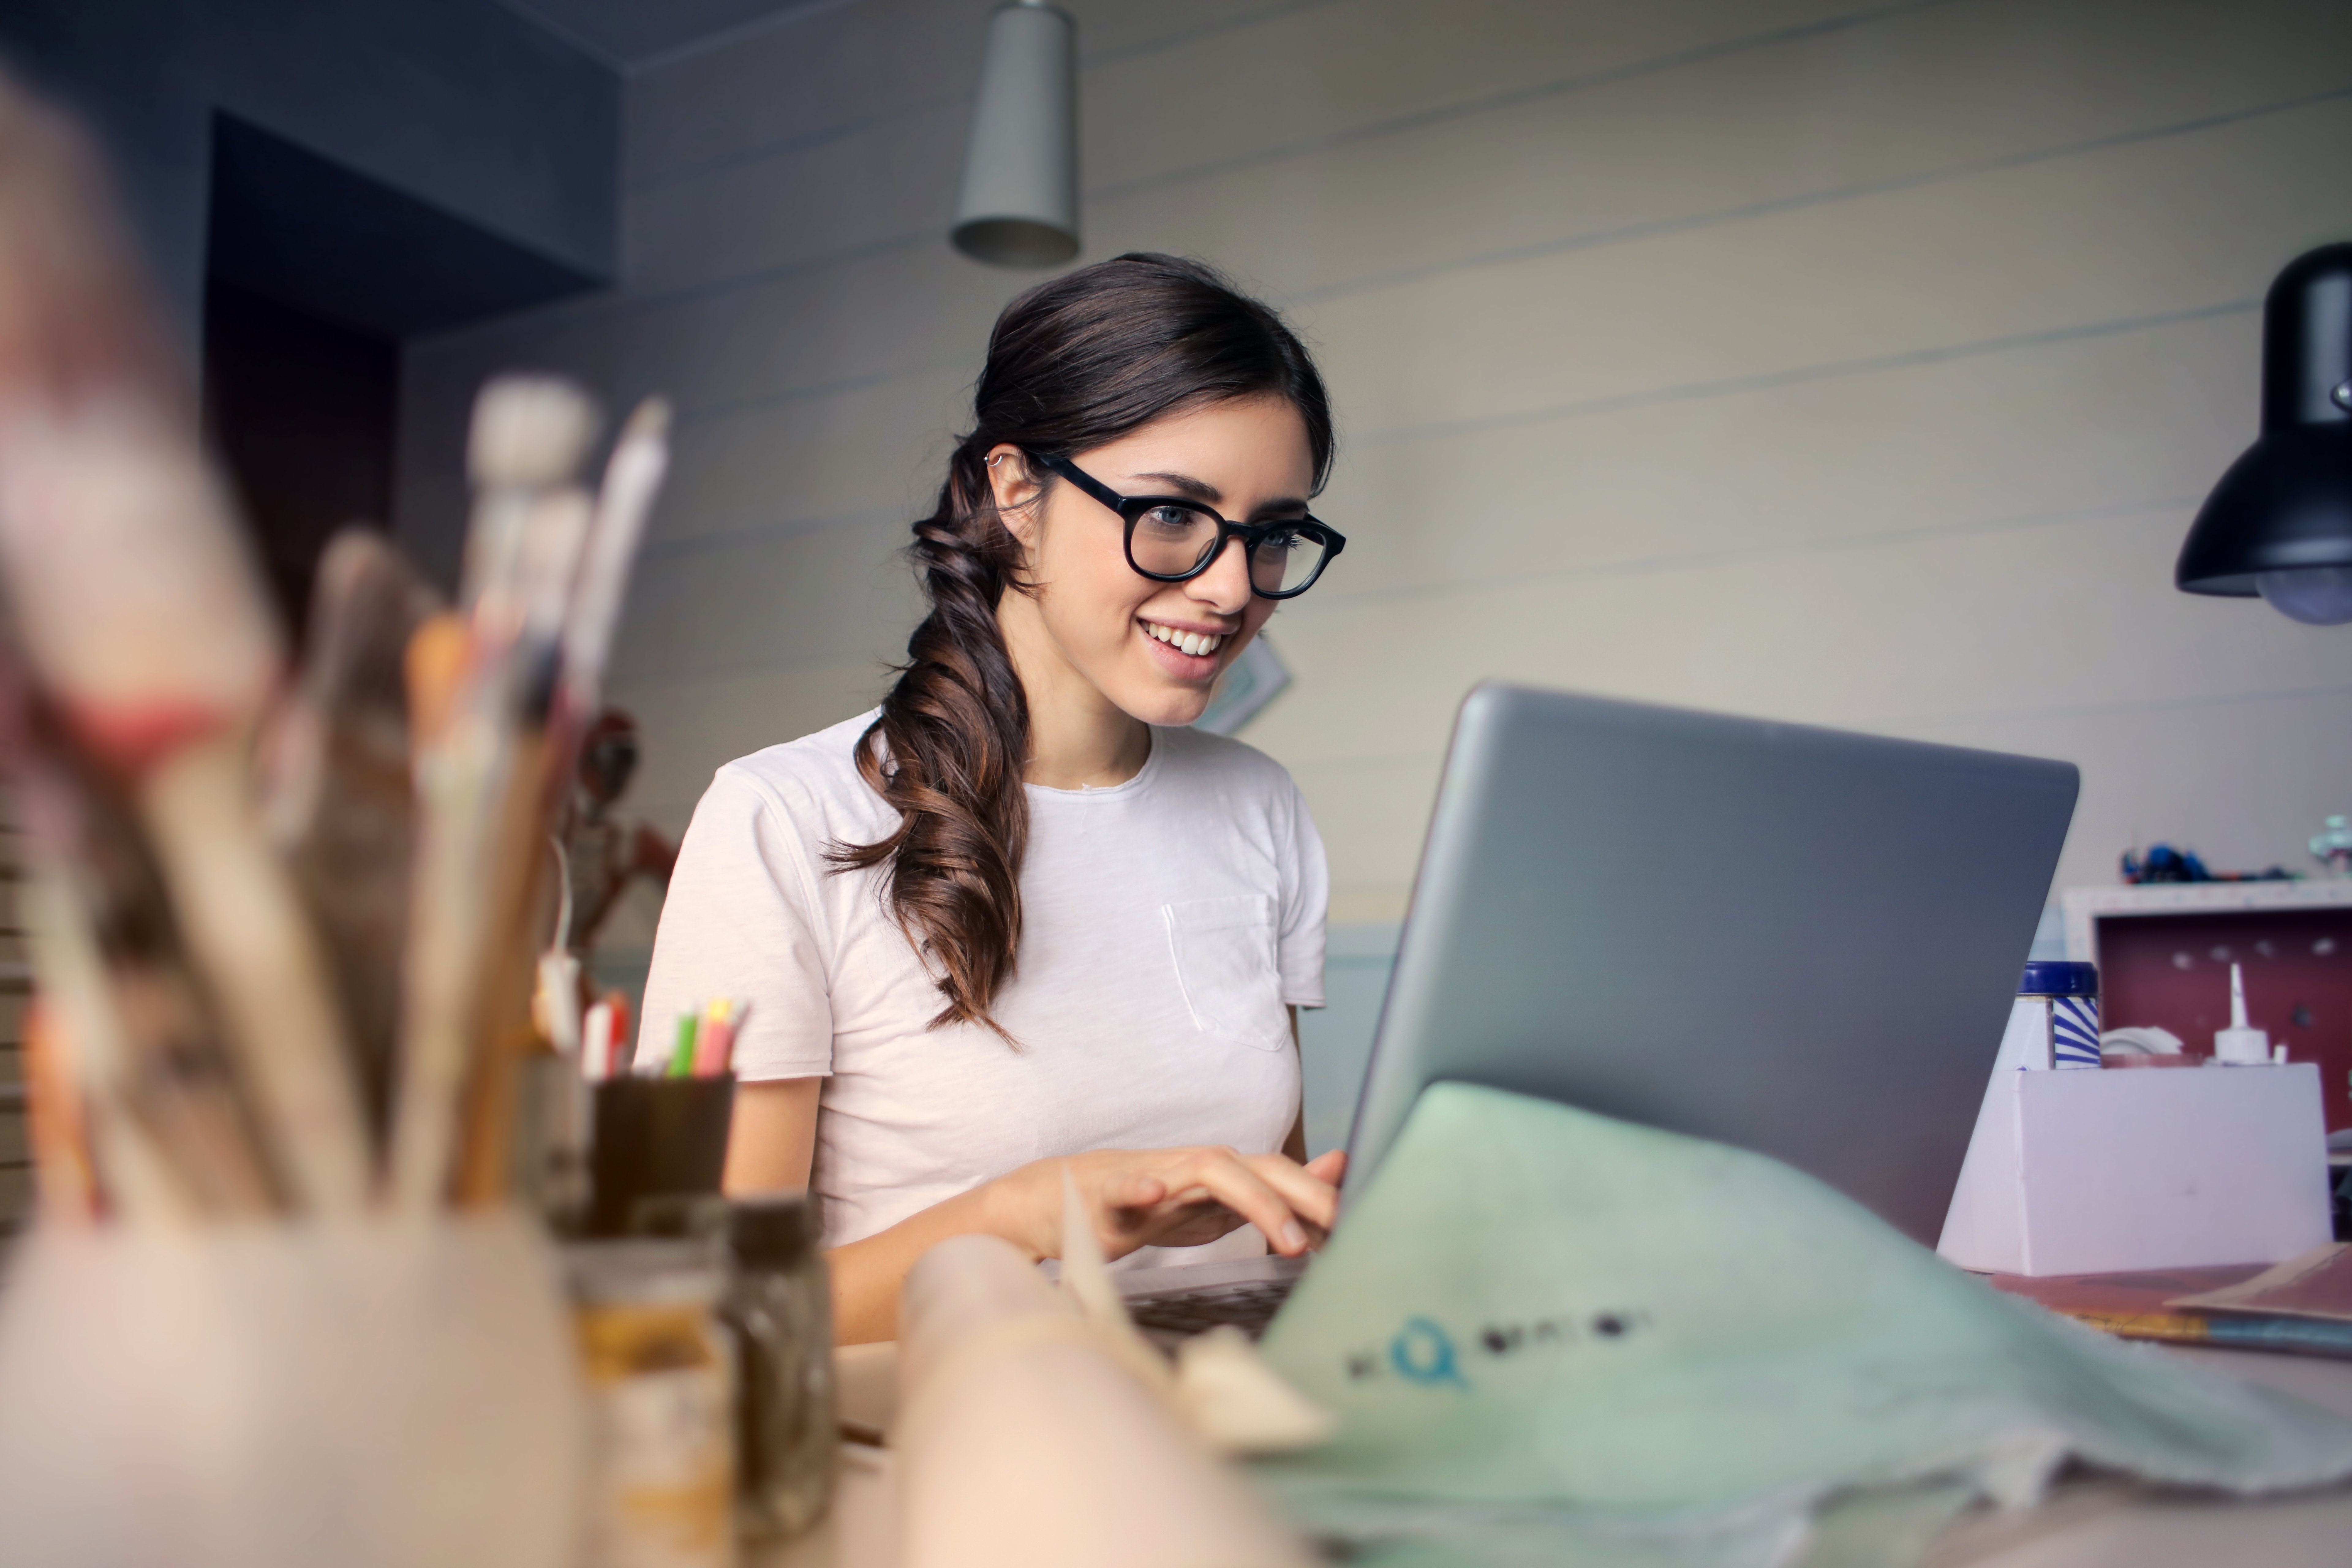 Les sources de bonheur du redacteur web freelance